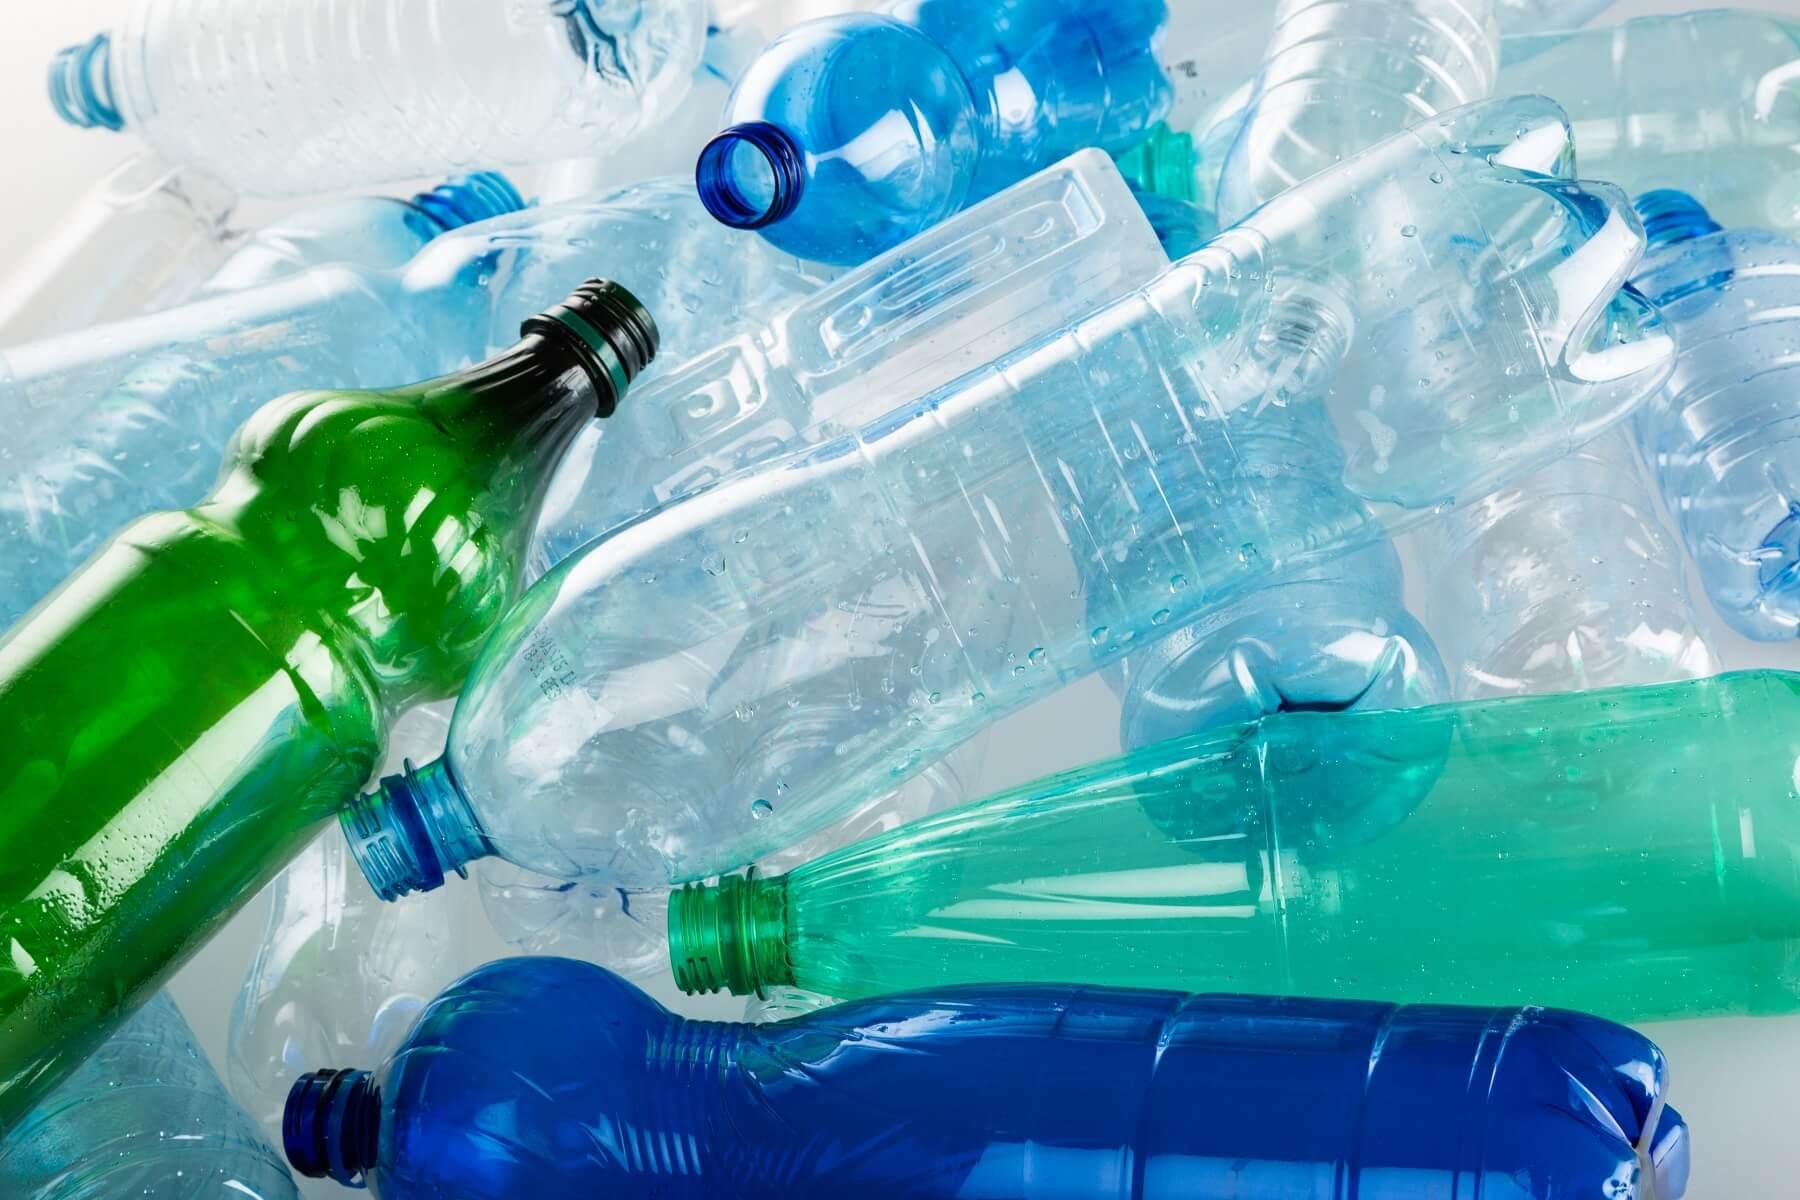 קונה פלסטיק למיחזור